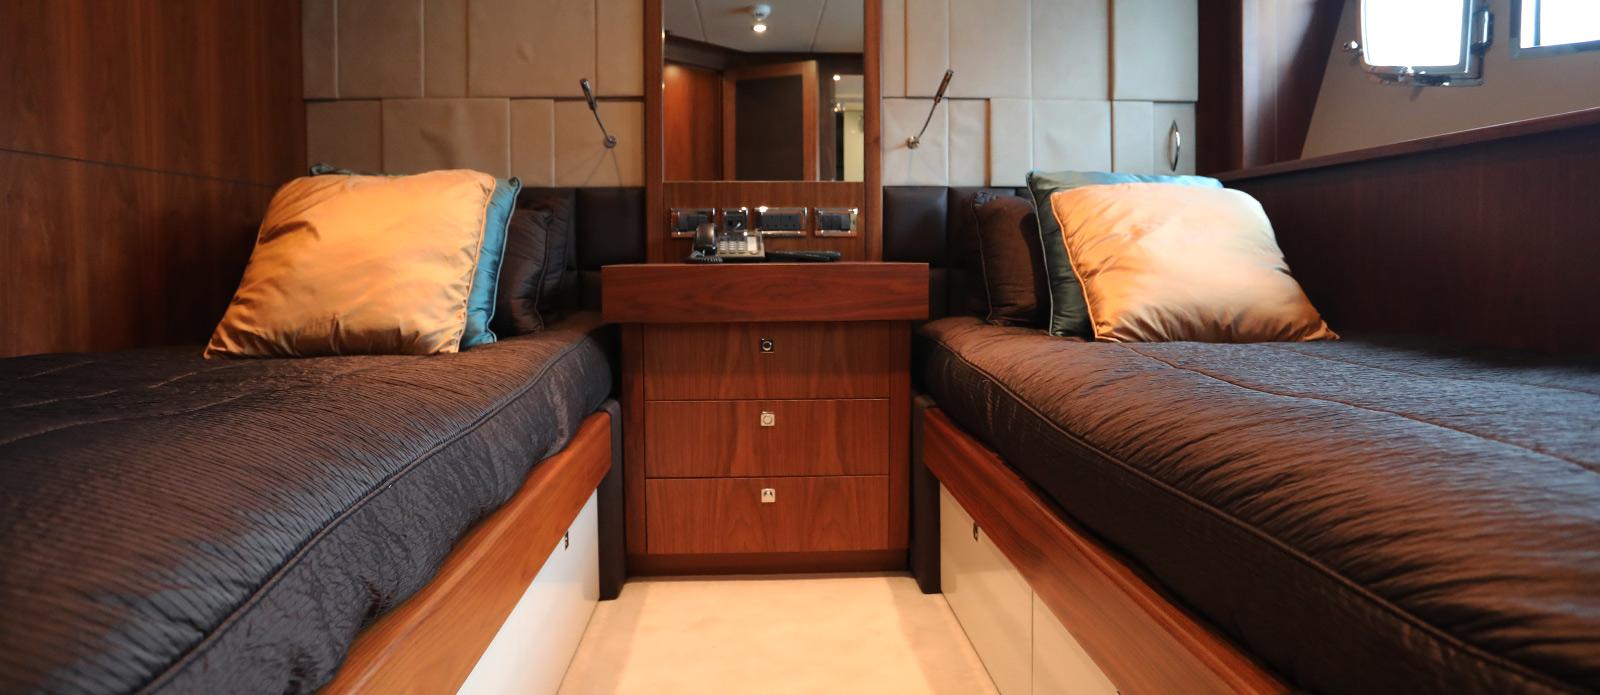 Sunseeker-30-Metre-Yacht-Coraysa-Twin-Guest-Cabin